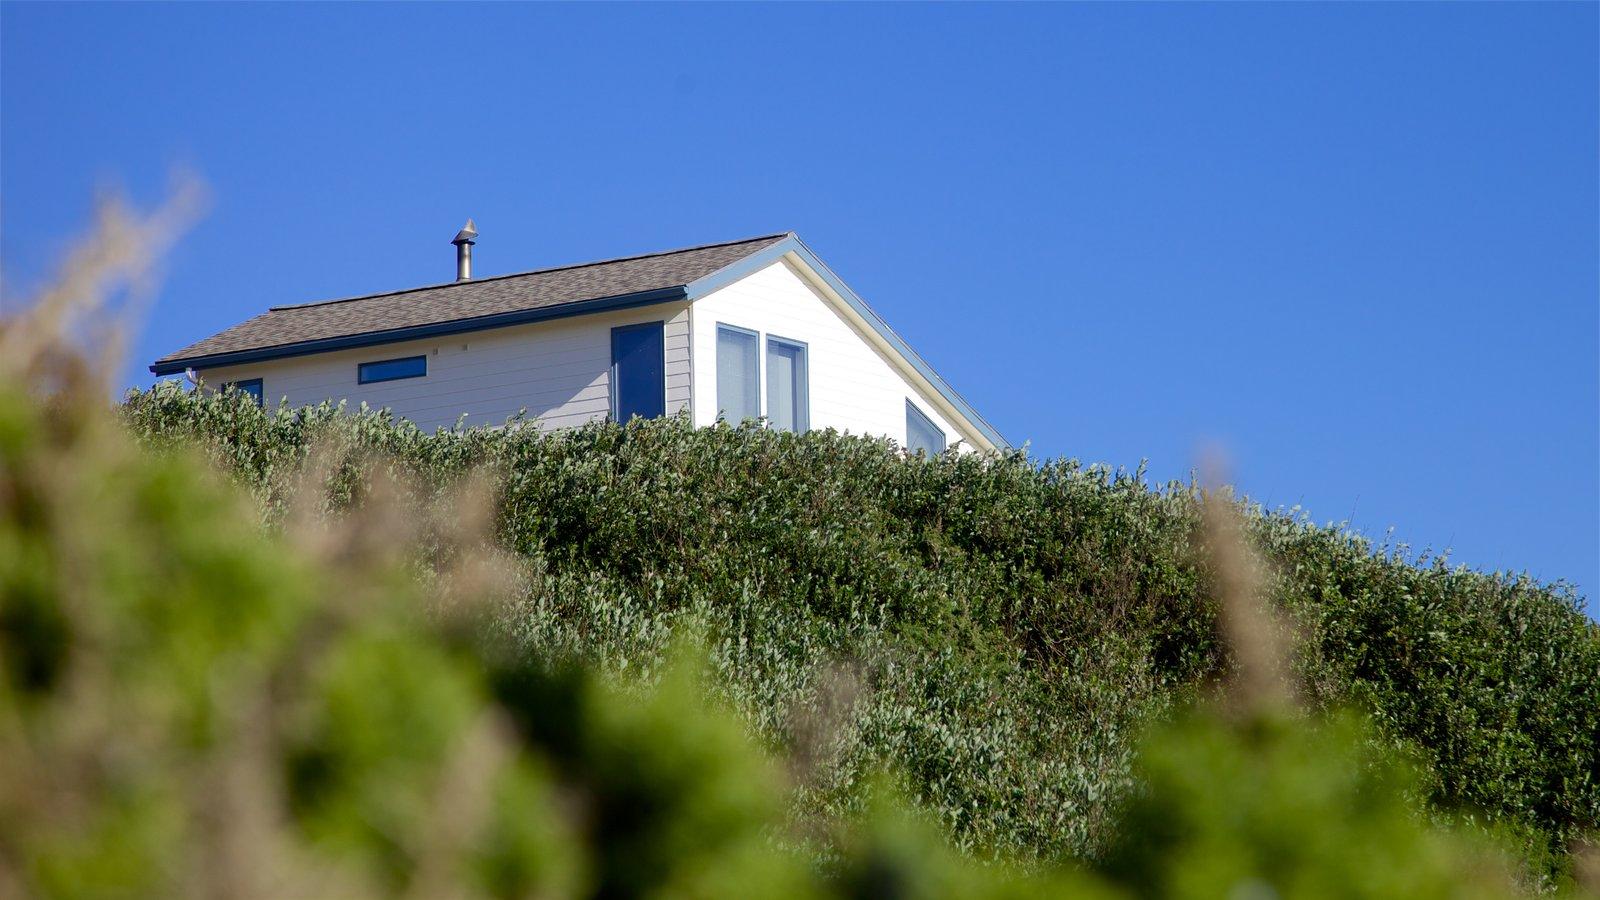 Bandon Beach que inclui paisagens litorâneas e uma casa